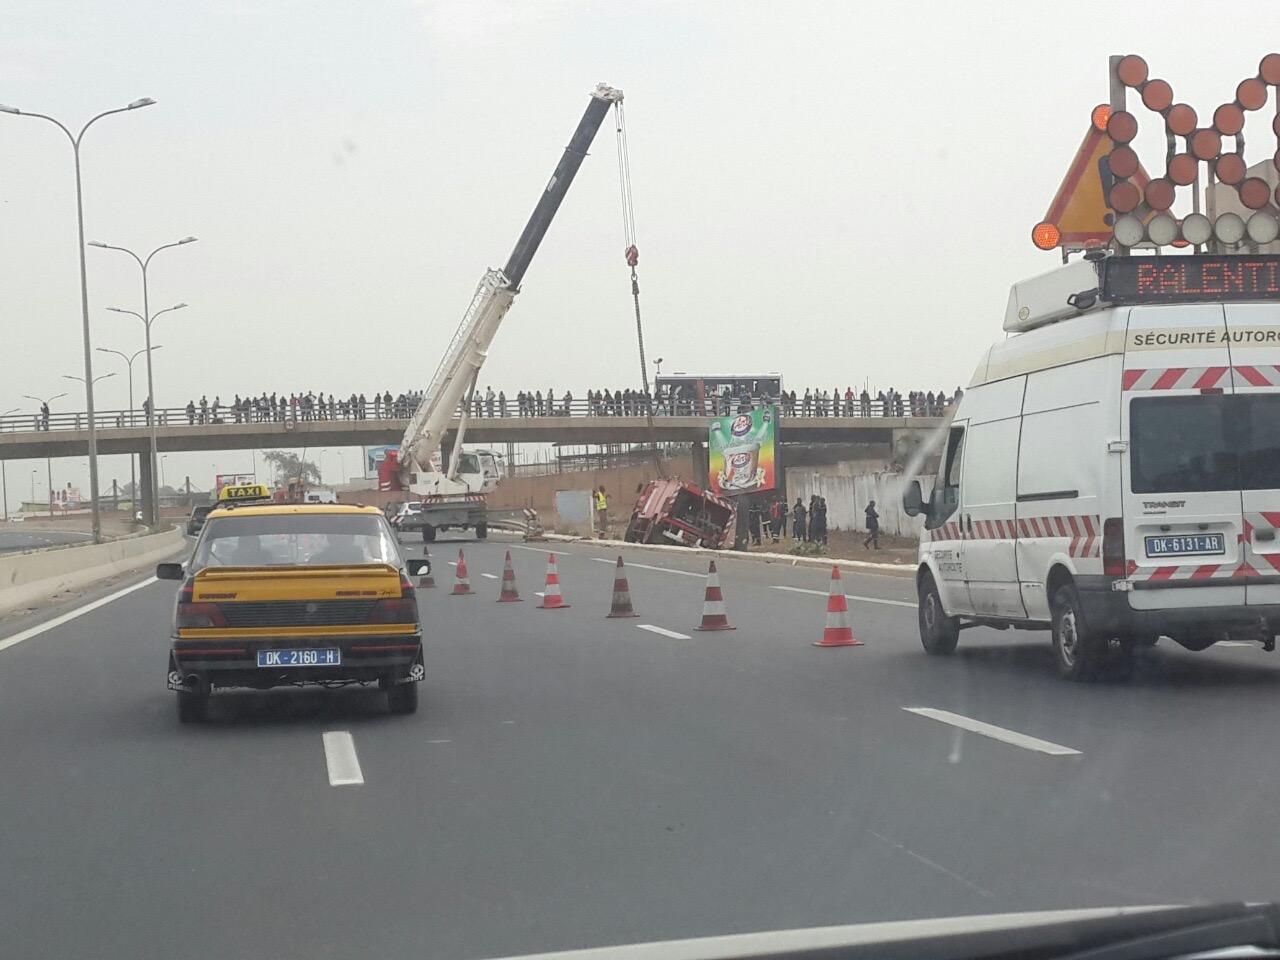 Autoroute à péage : Un camion des sapeurs-pompiers fait une sortie de route et termine sa course sur le bas côté